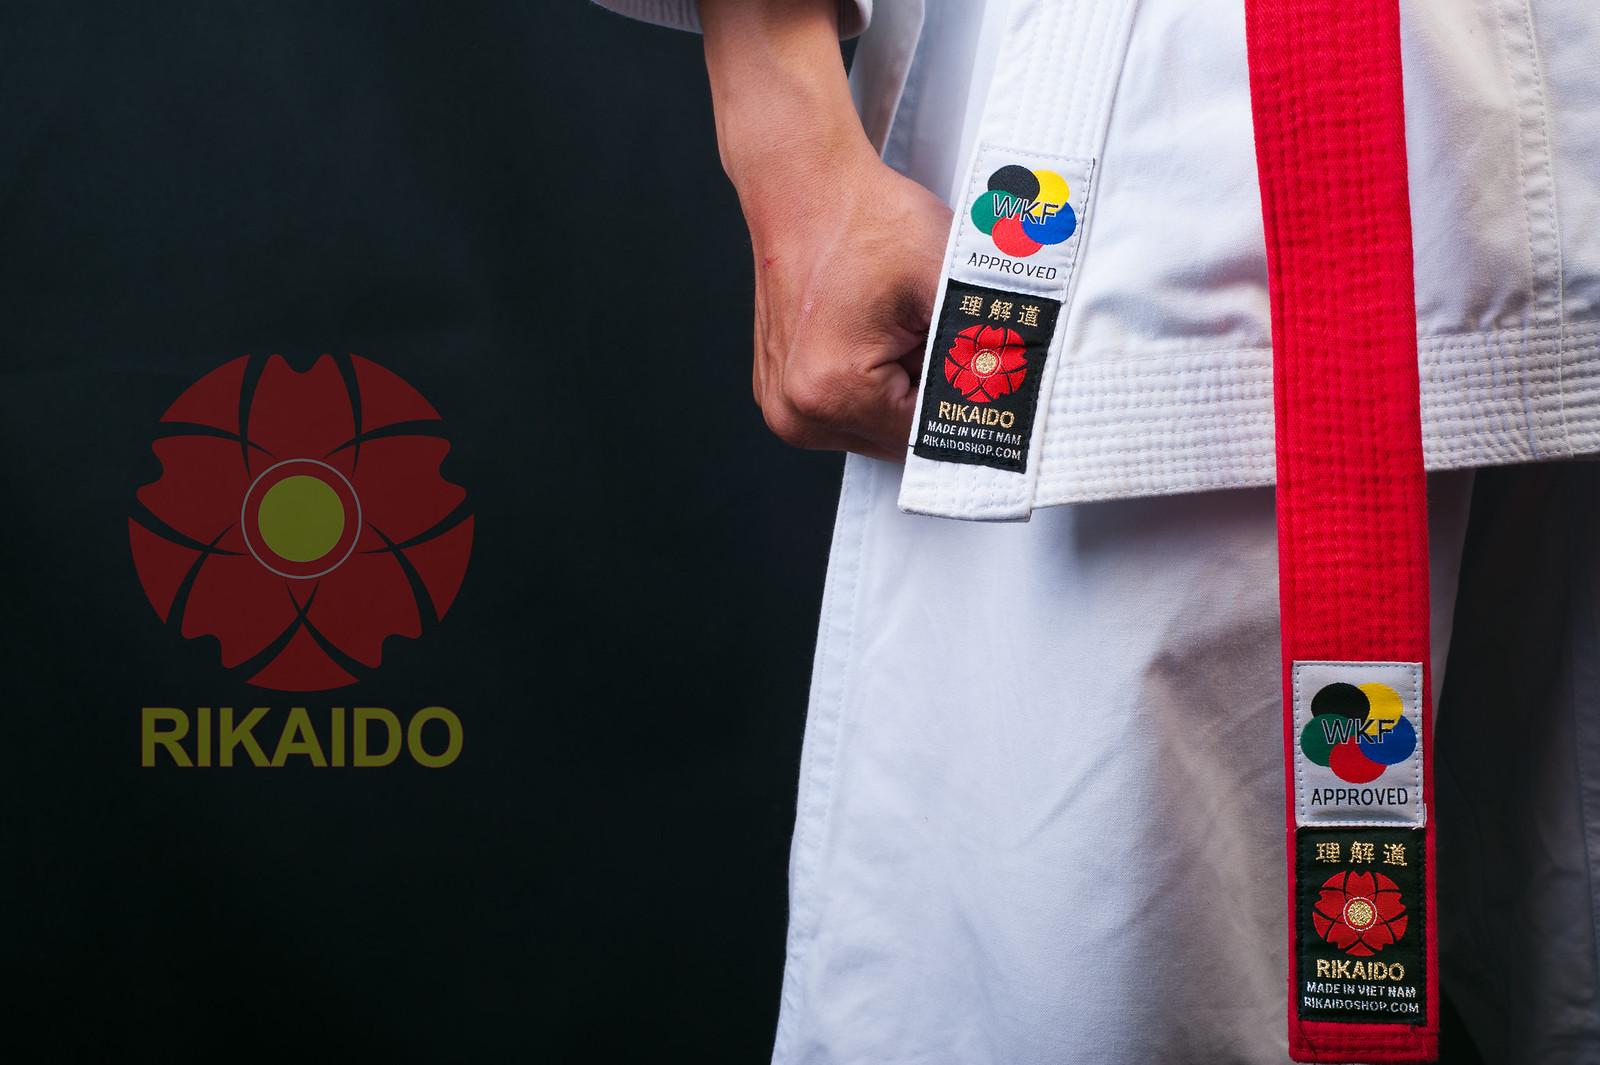 43073508815 f10b3caba5 h - Ảnh nghệ thuật karate chụp trong studio